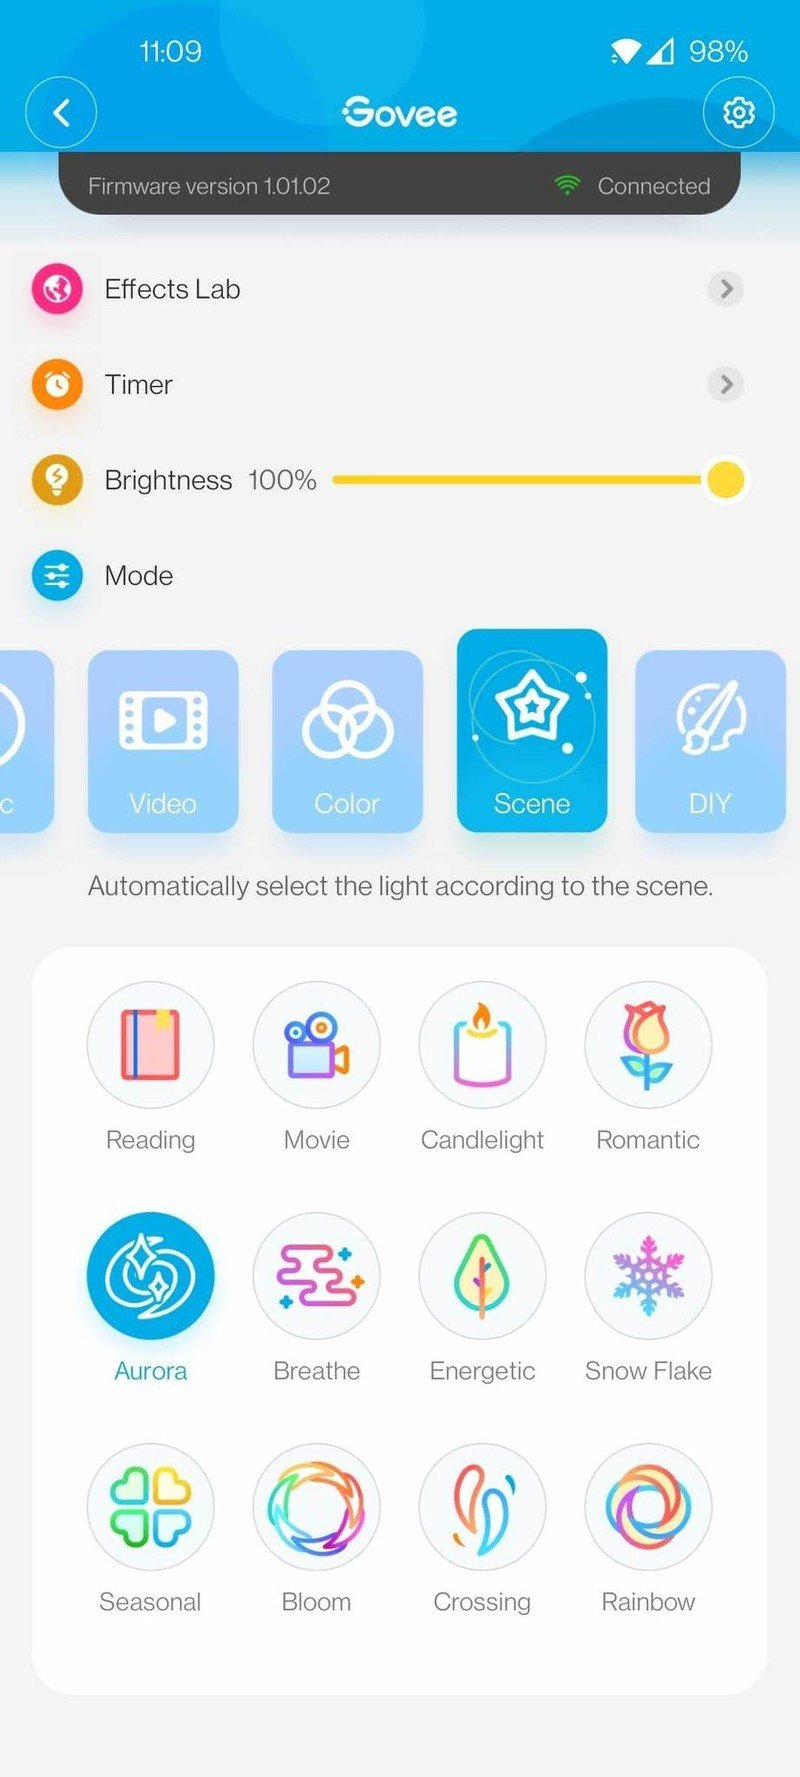 govee-flow-pro-app-screenshot-02.jpg